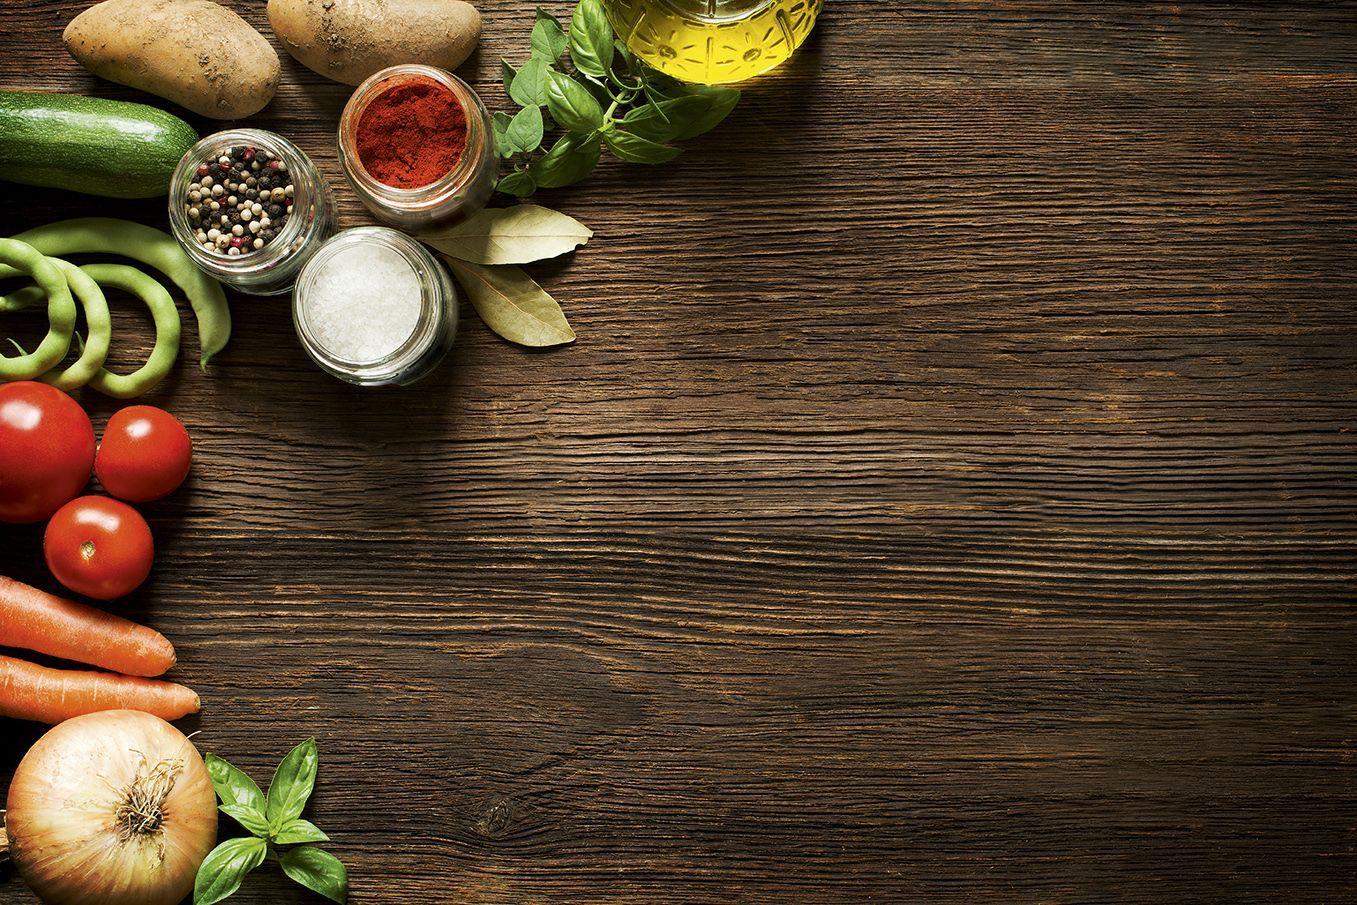 Food Background 2763 Packaging Fondos De Frutas In 2020 Food Food Menu Turkey Burgers Healthy